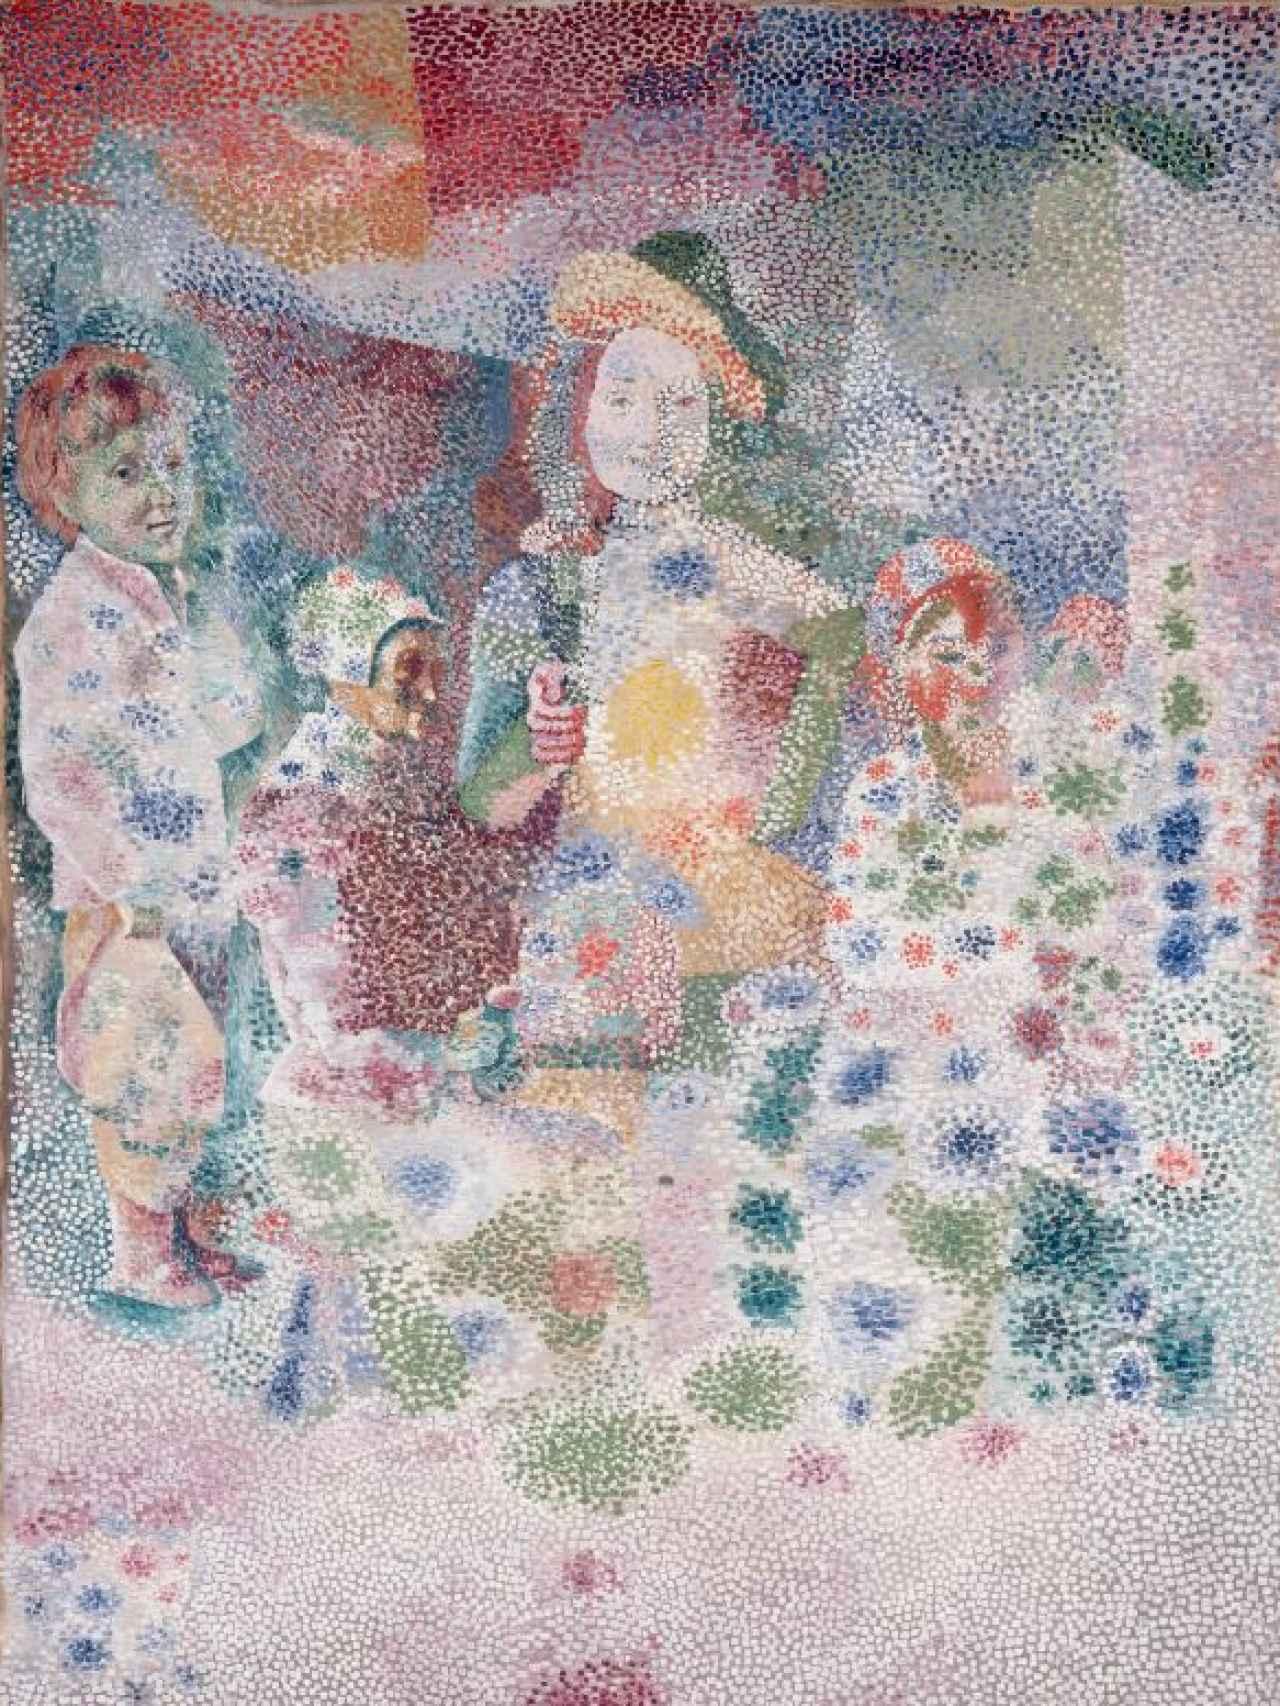 La familia feliz, de Picasso.